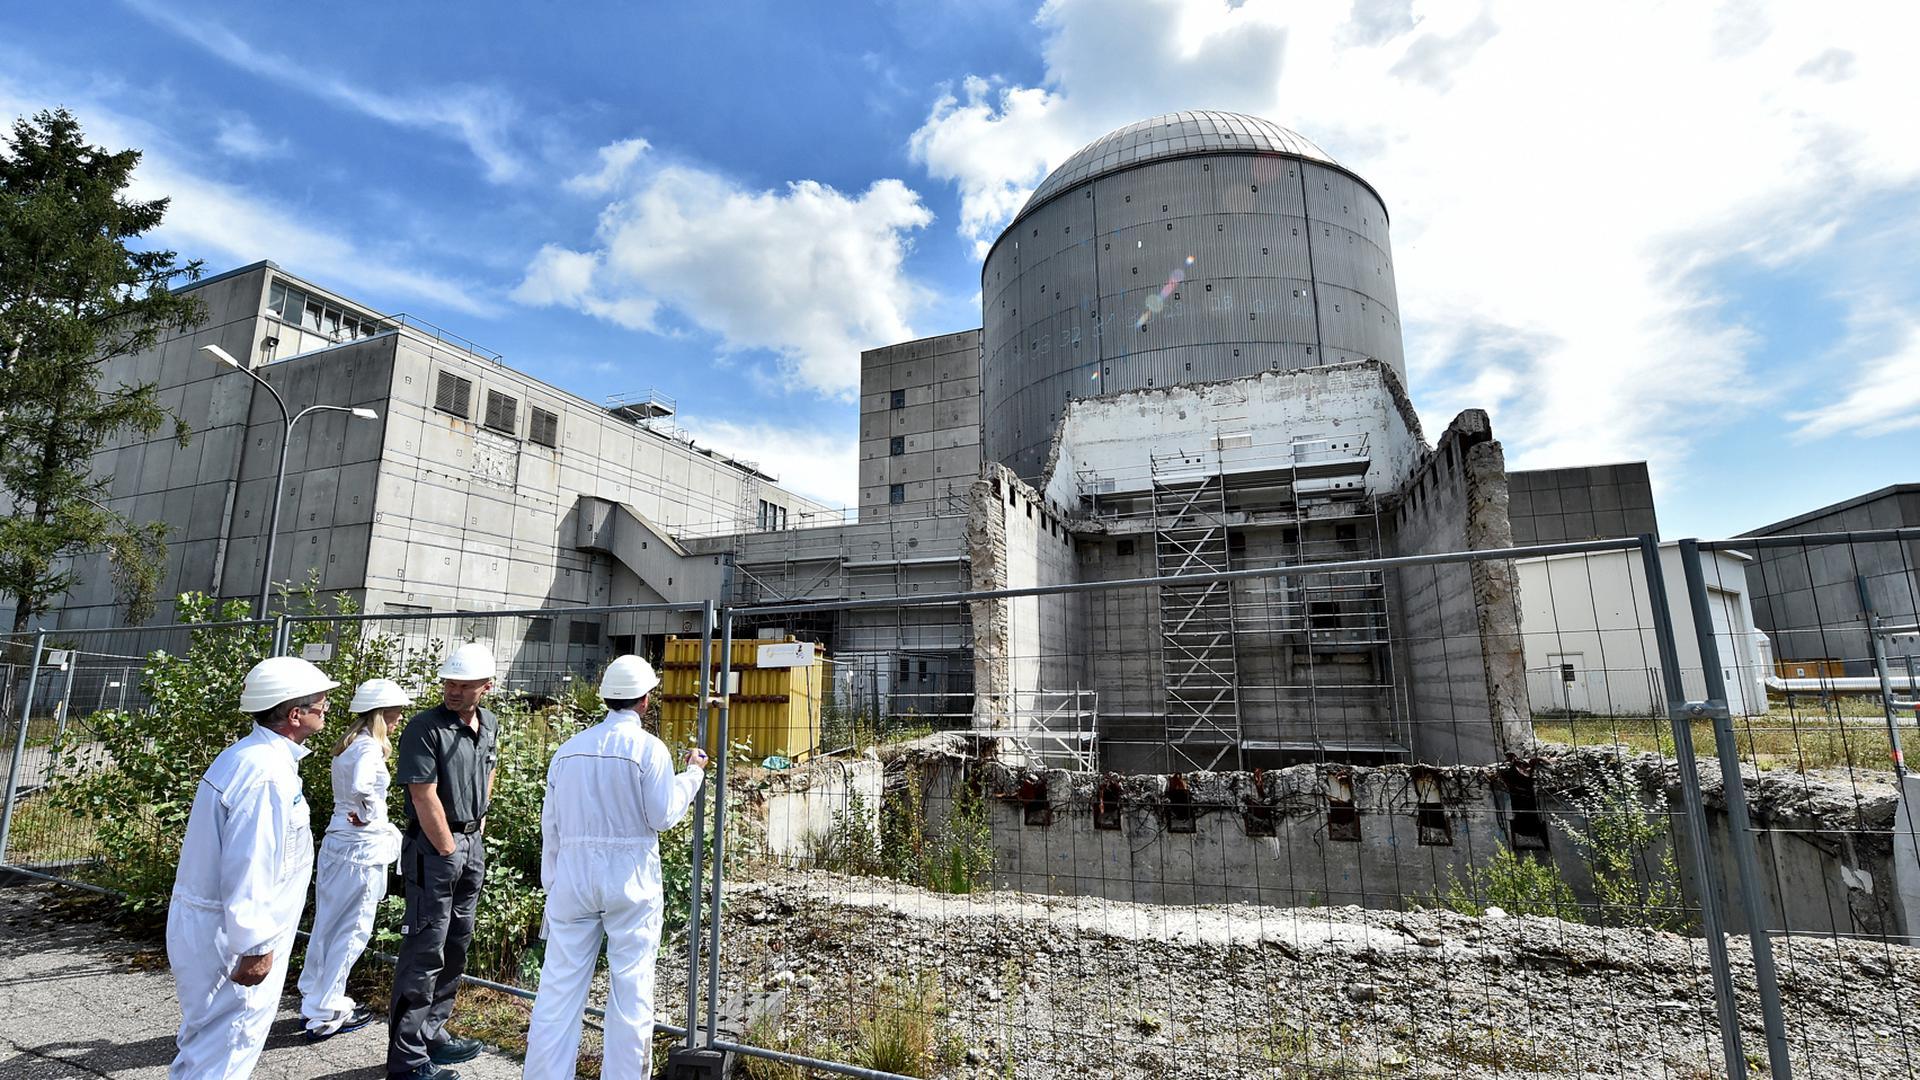 Der Mehrzweckforschungsreaktor MZFR auf dem Campus Nord des KIT in Eggenstein-Leopoldshafen. Der vordere Teil der Anlage, wo früher die Kernbrennstäbe in einem Becken gekühlt wurden, ist bereits abgerissen. Der Rest des Gebäudes soll etwa 2025 folgen.